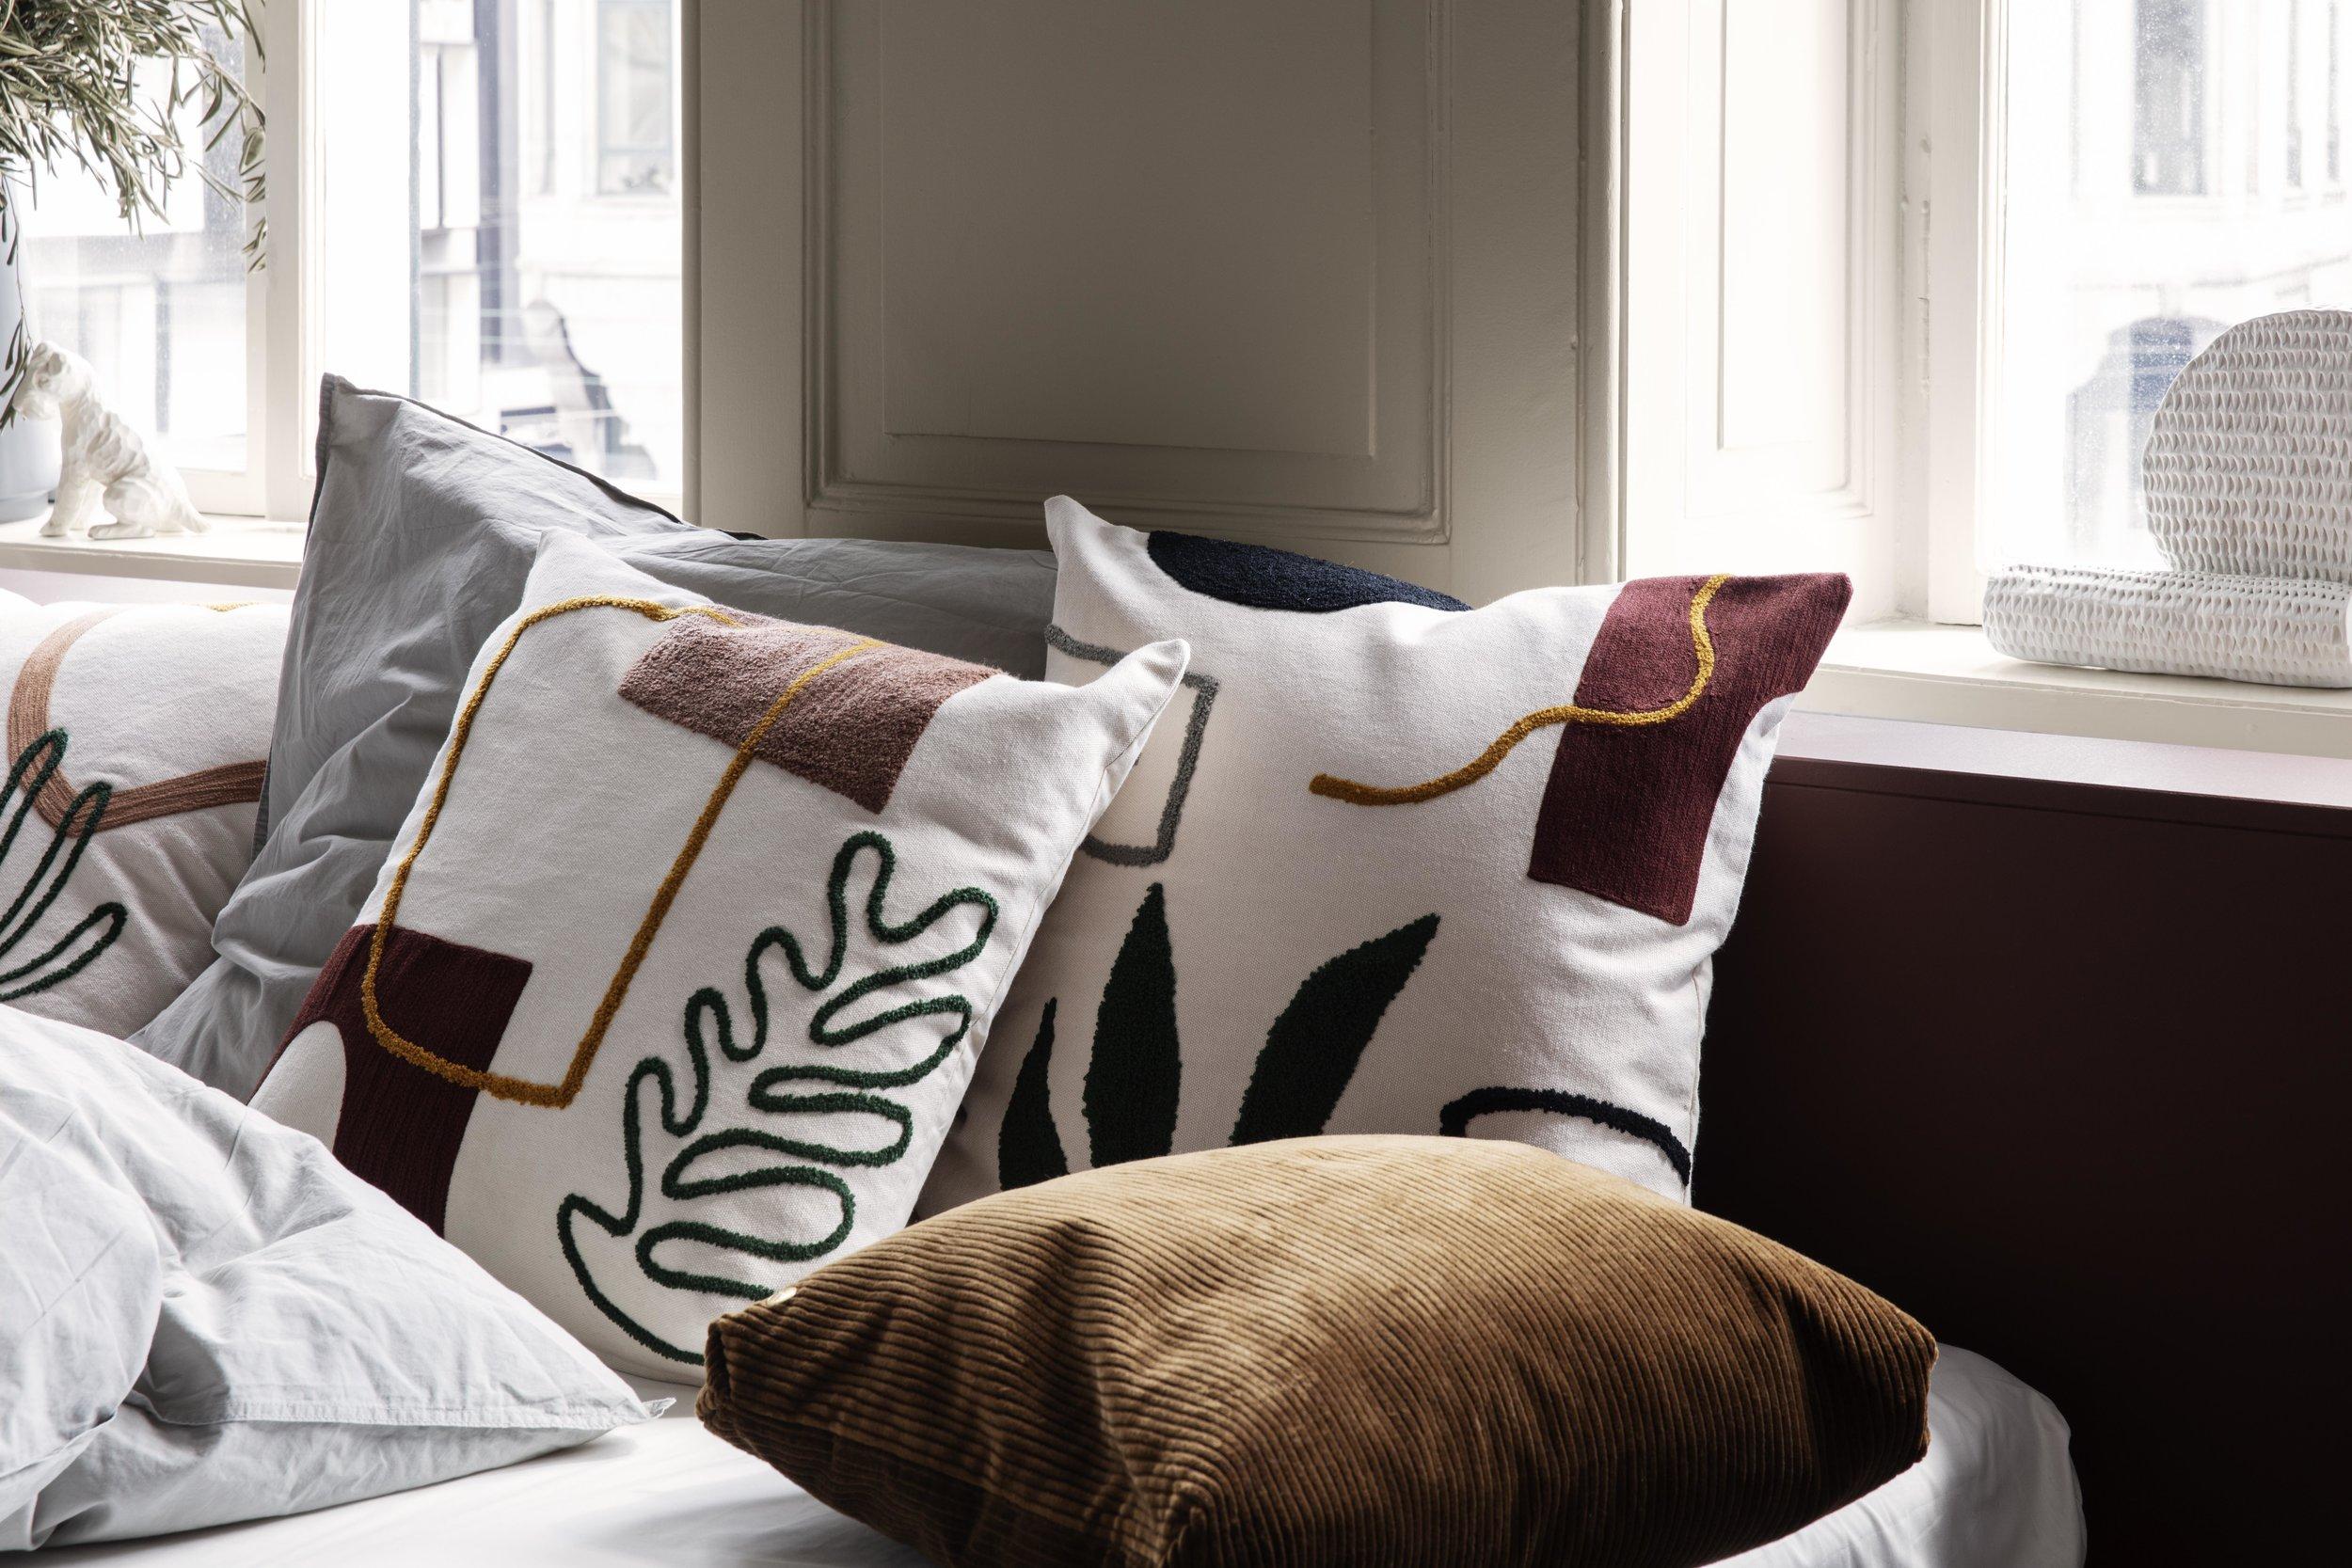 Mirage cushion, ferm living, home decor, home accesories, interiors, scandinavian design .jpg